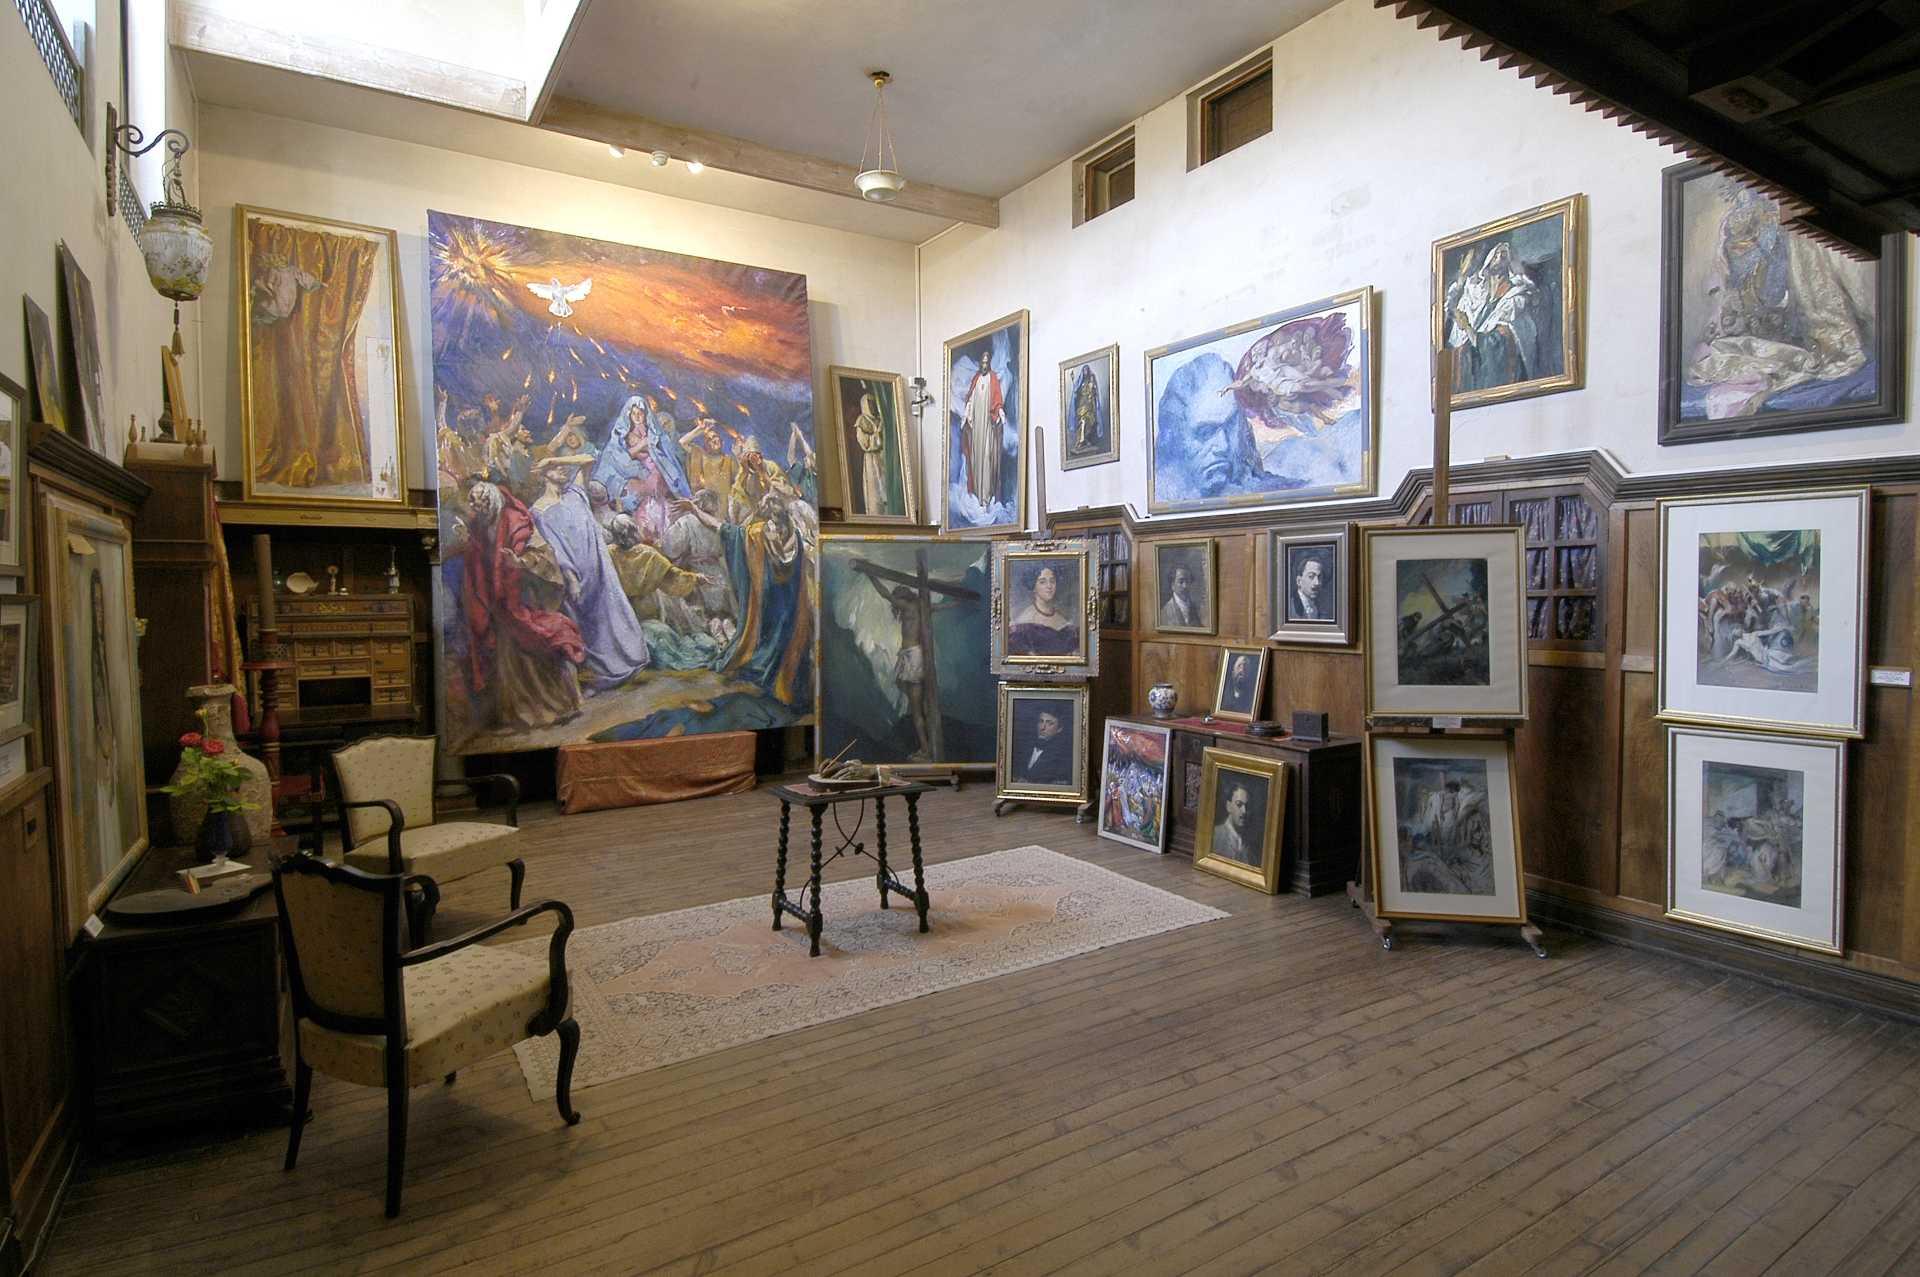 Museum Jose Segrelles